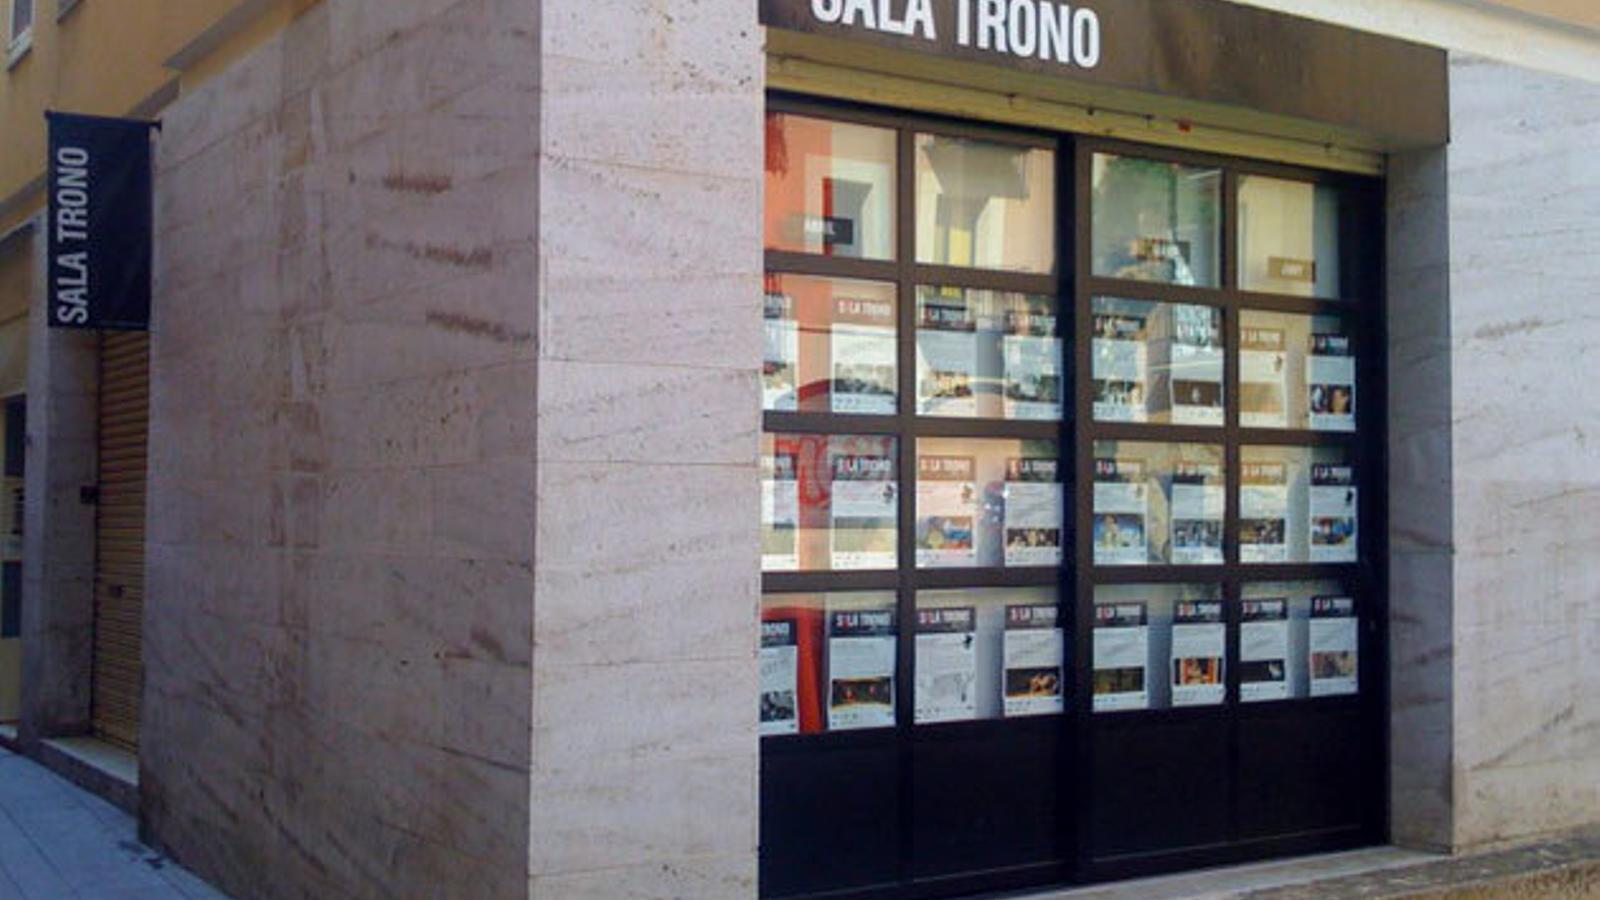 La sala trono de tarragona tanca per busca nova ubicaci for Sala 0 tarragona